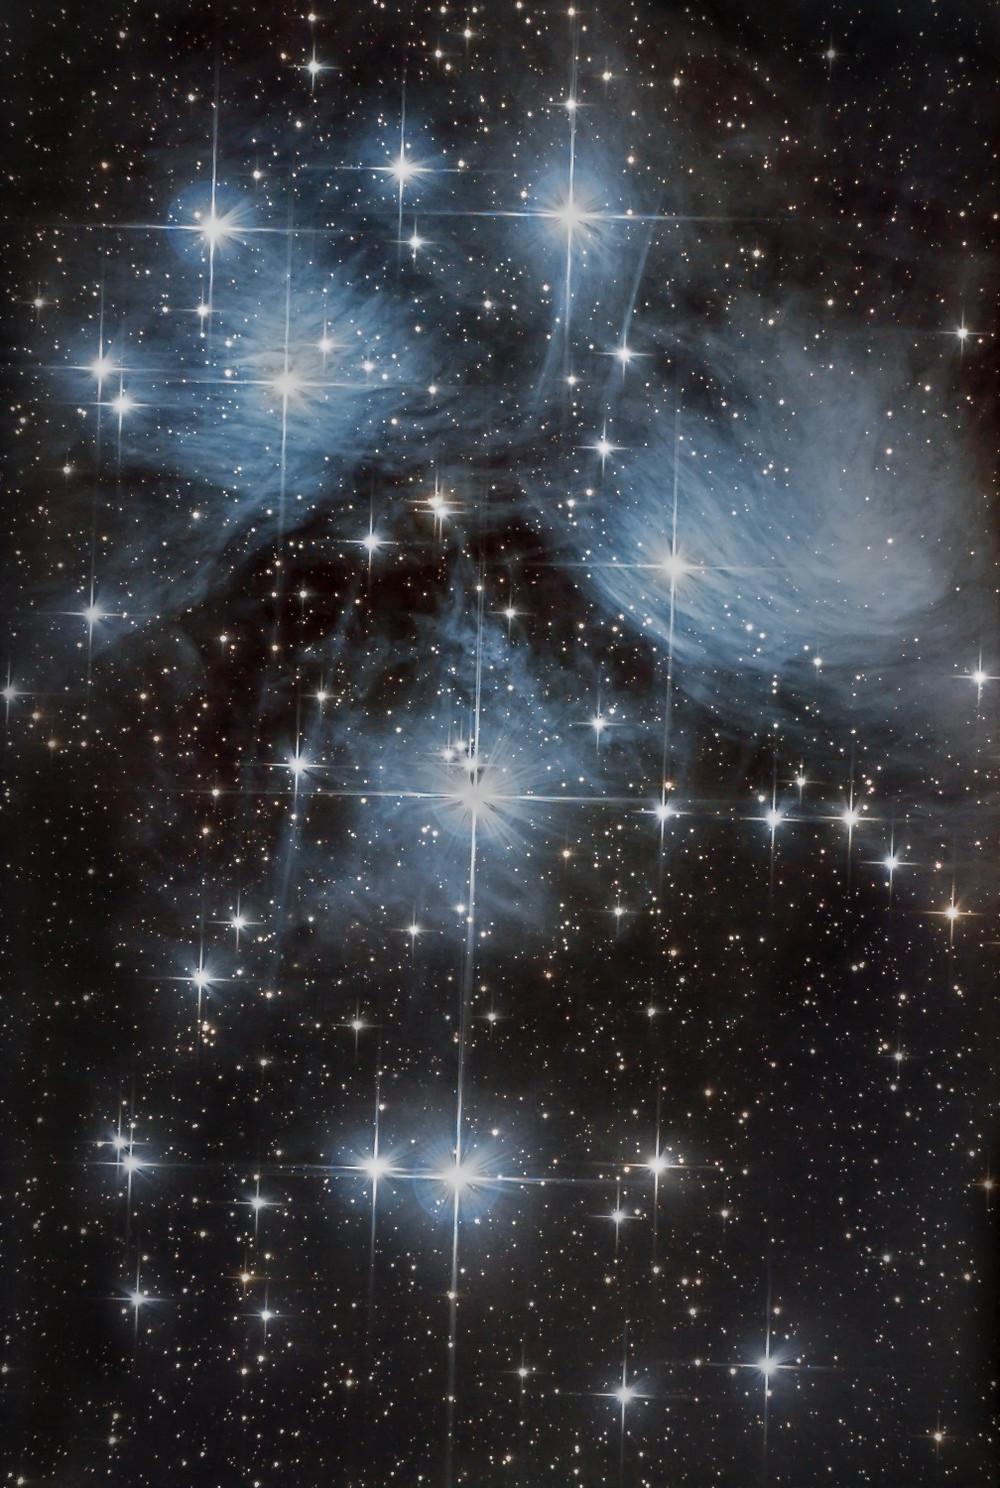 Messier 45 à l'APN non modifié, 2 heures de pose